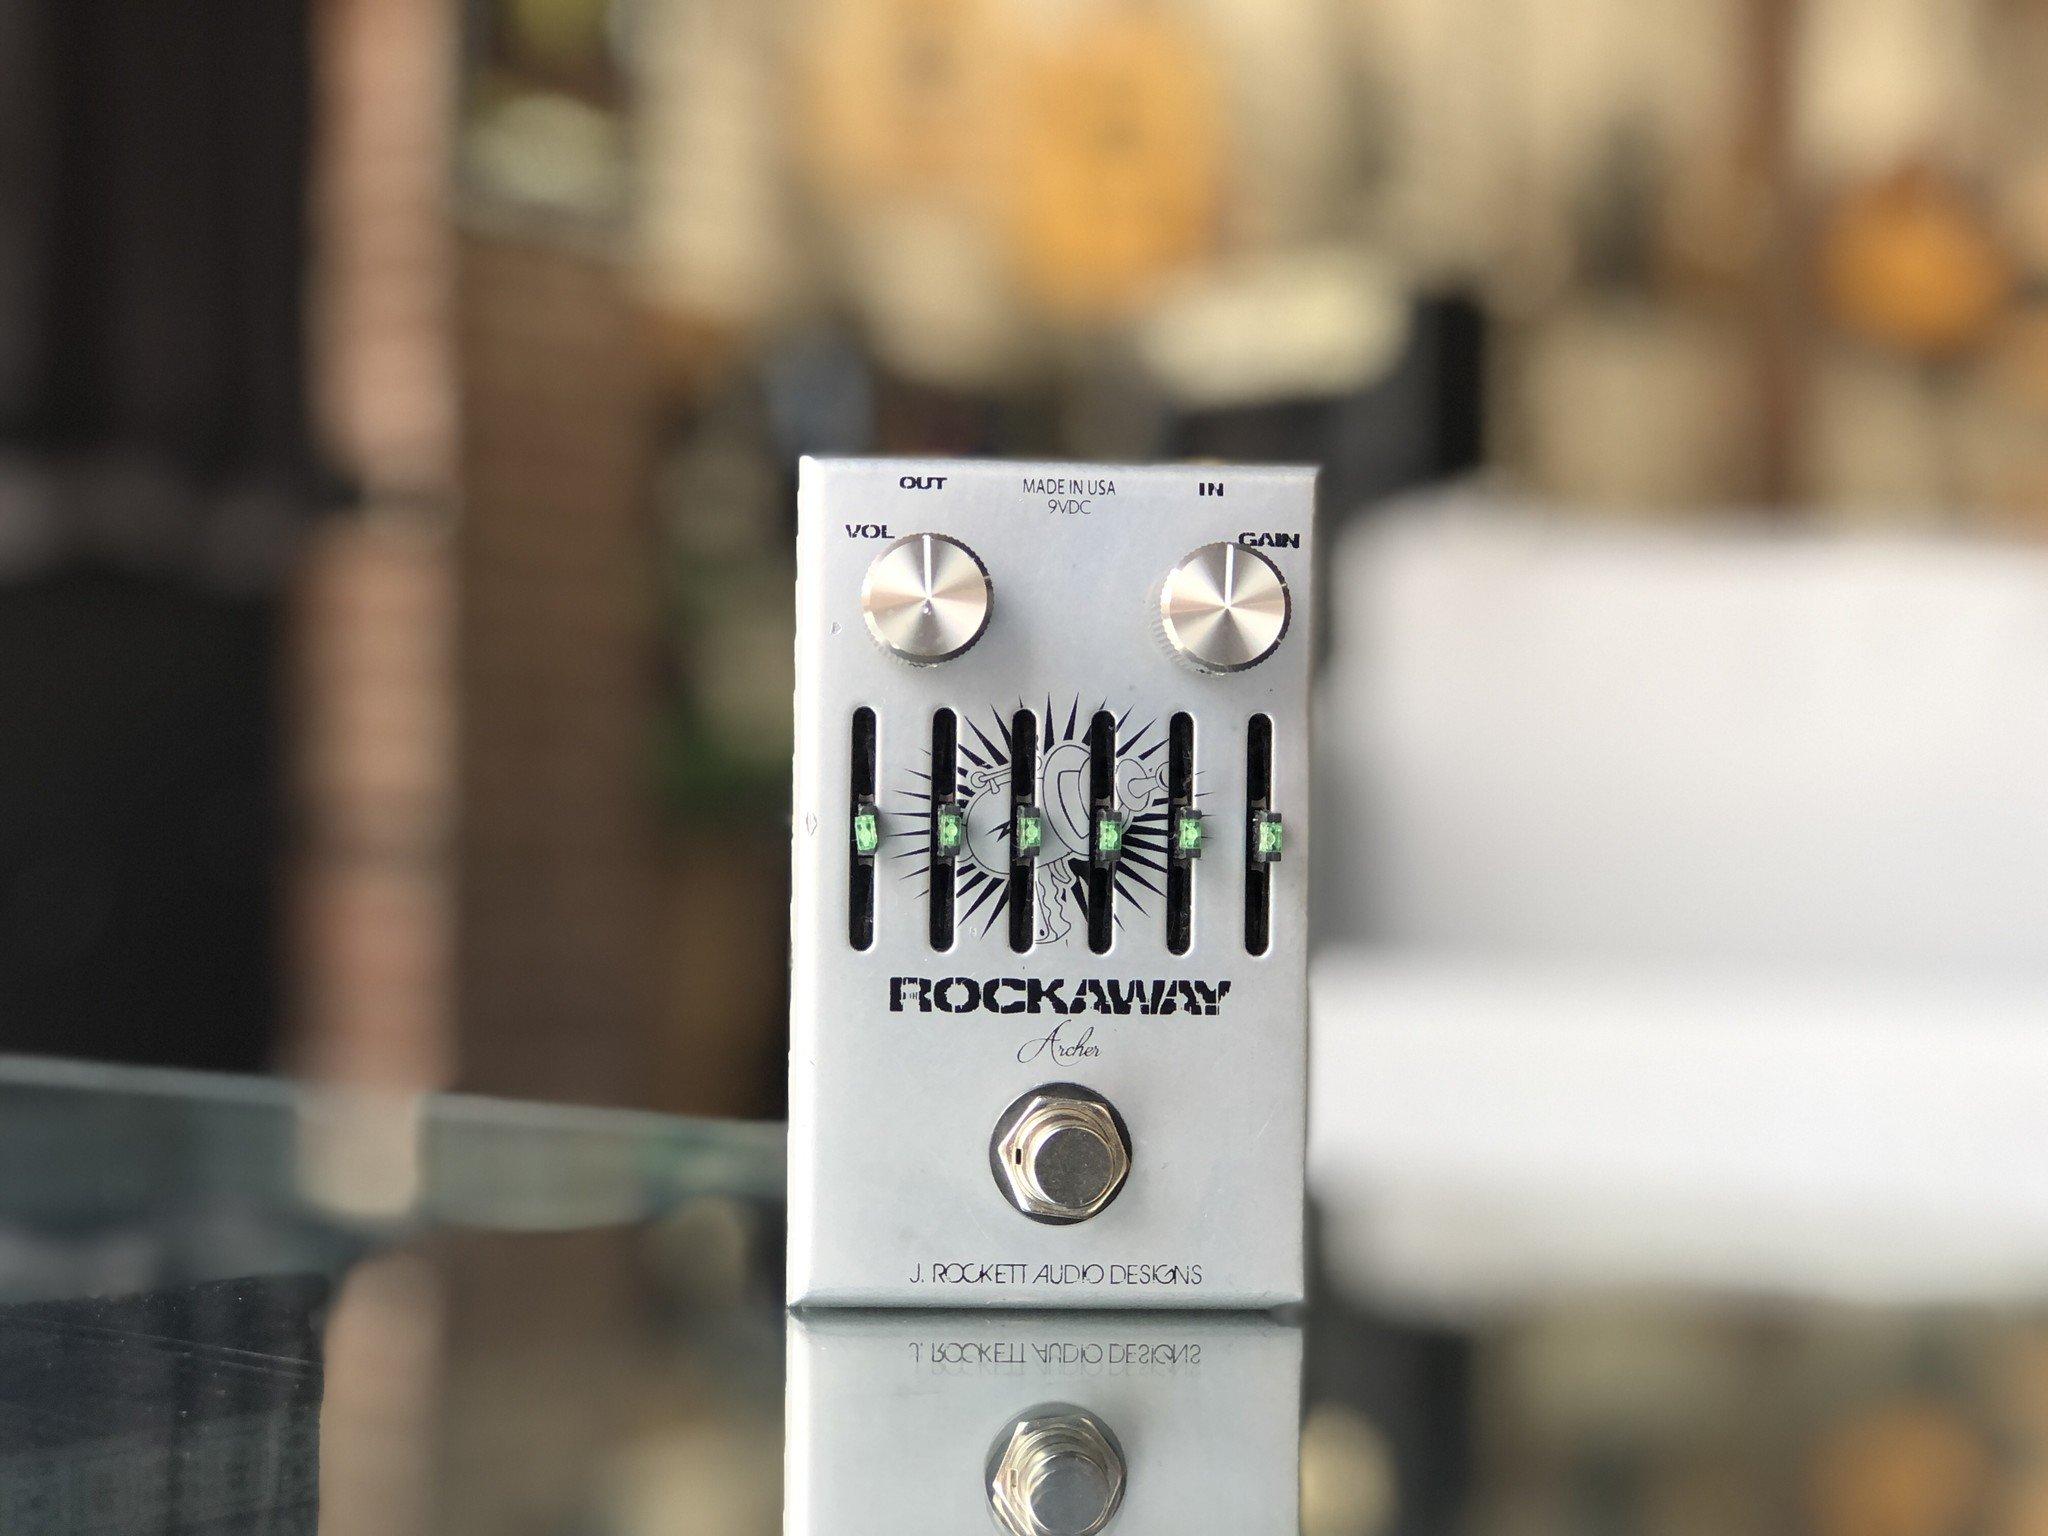 J. Rockett Audio Rockaway Archer-1